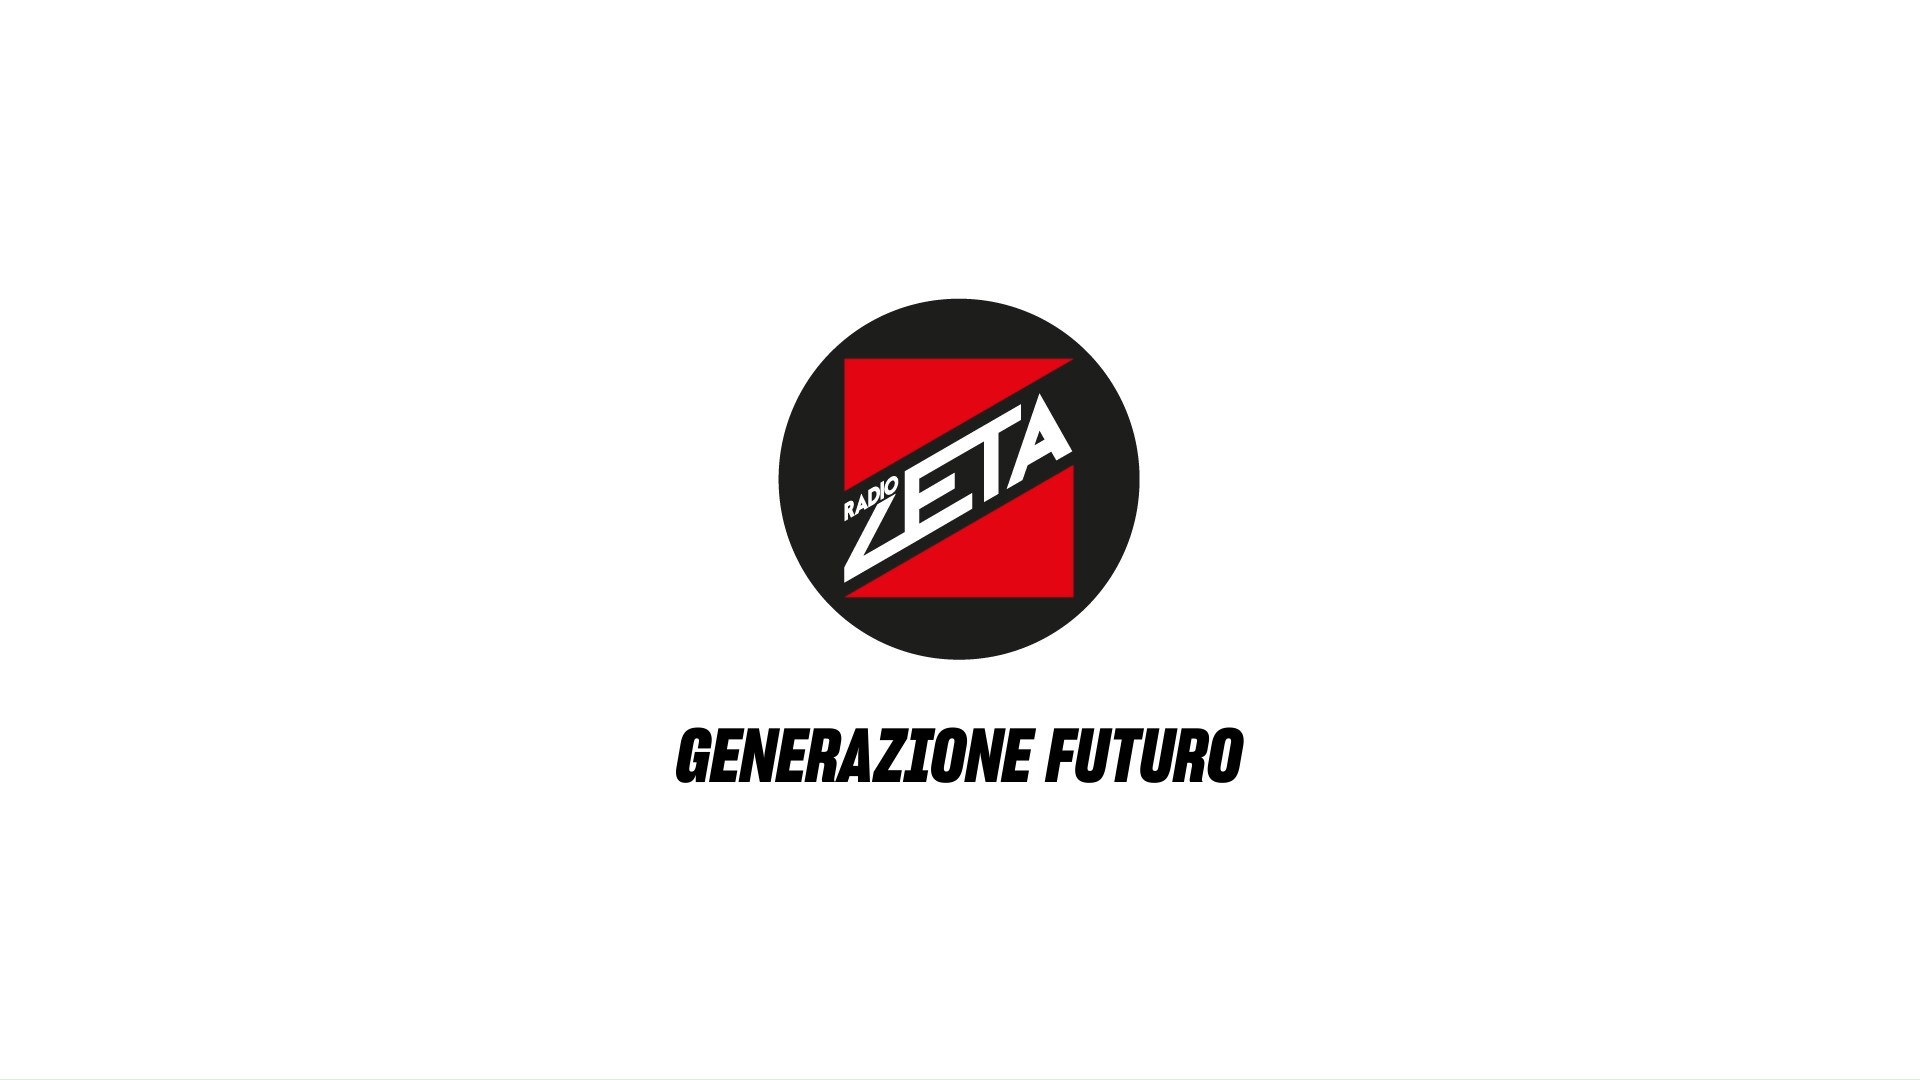 Radio Zeta si rinnova generazione futuro